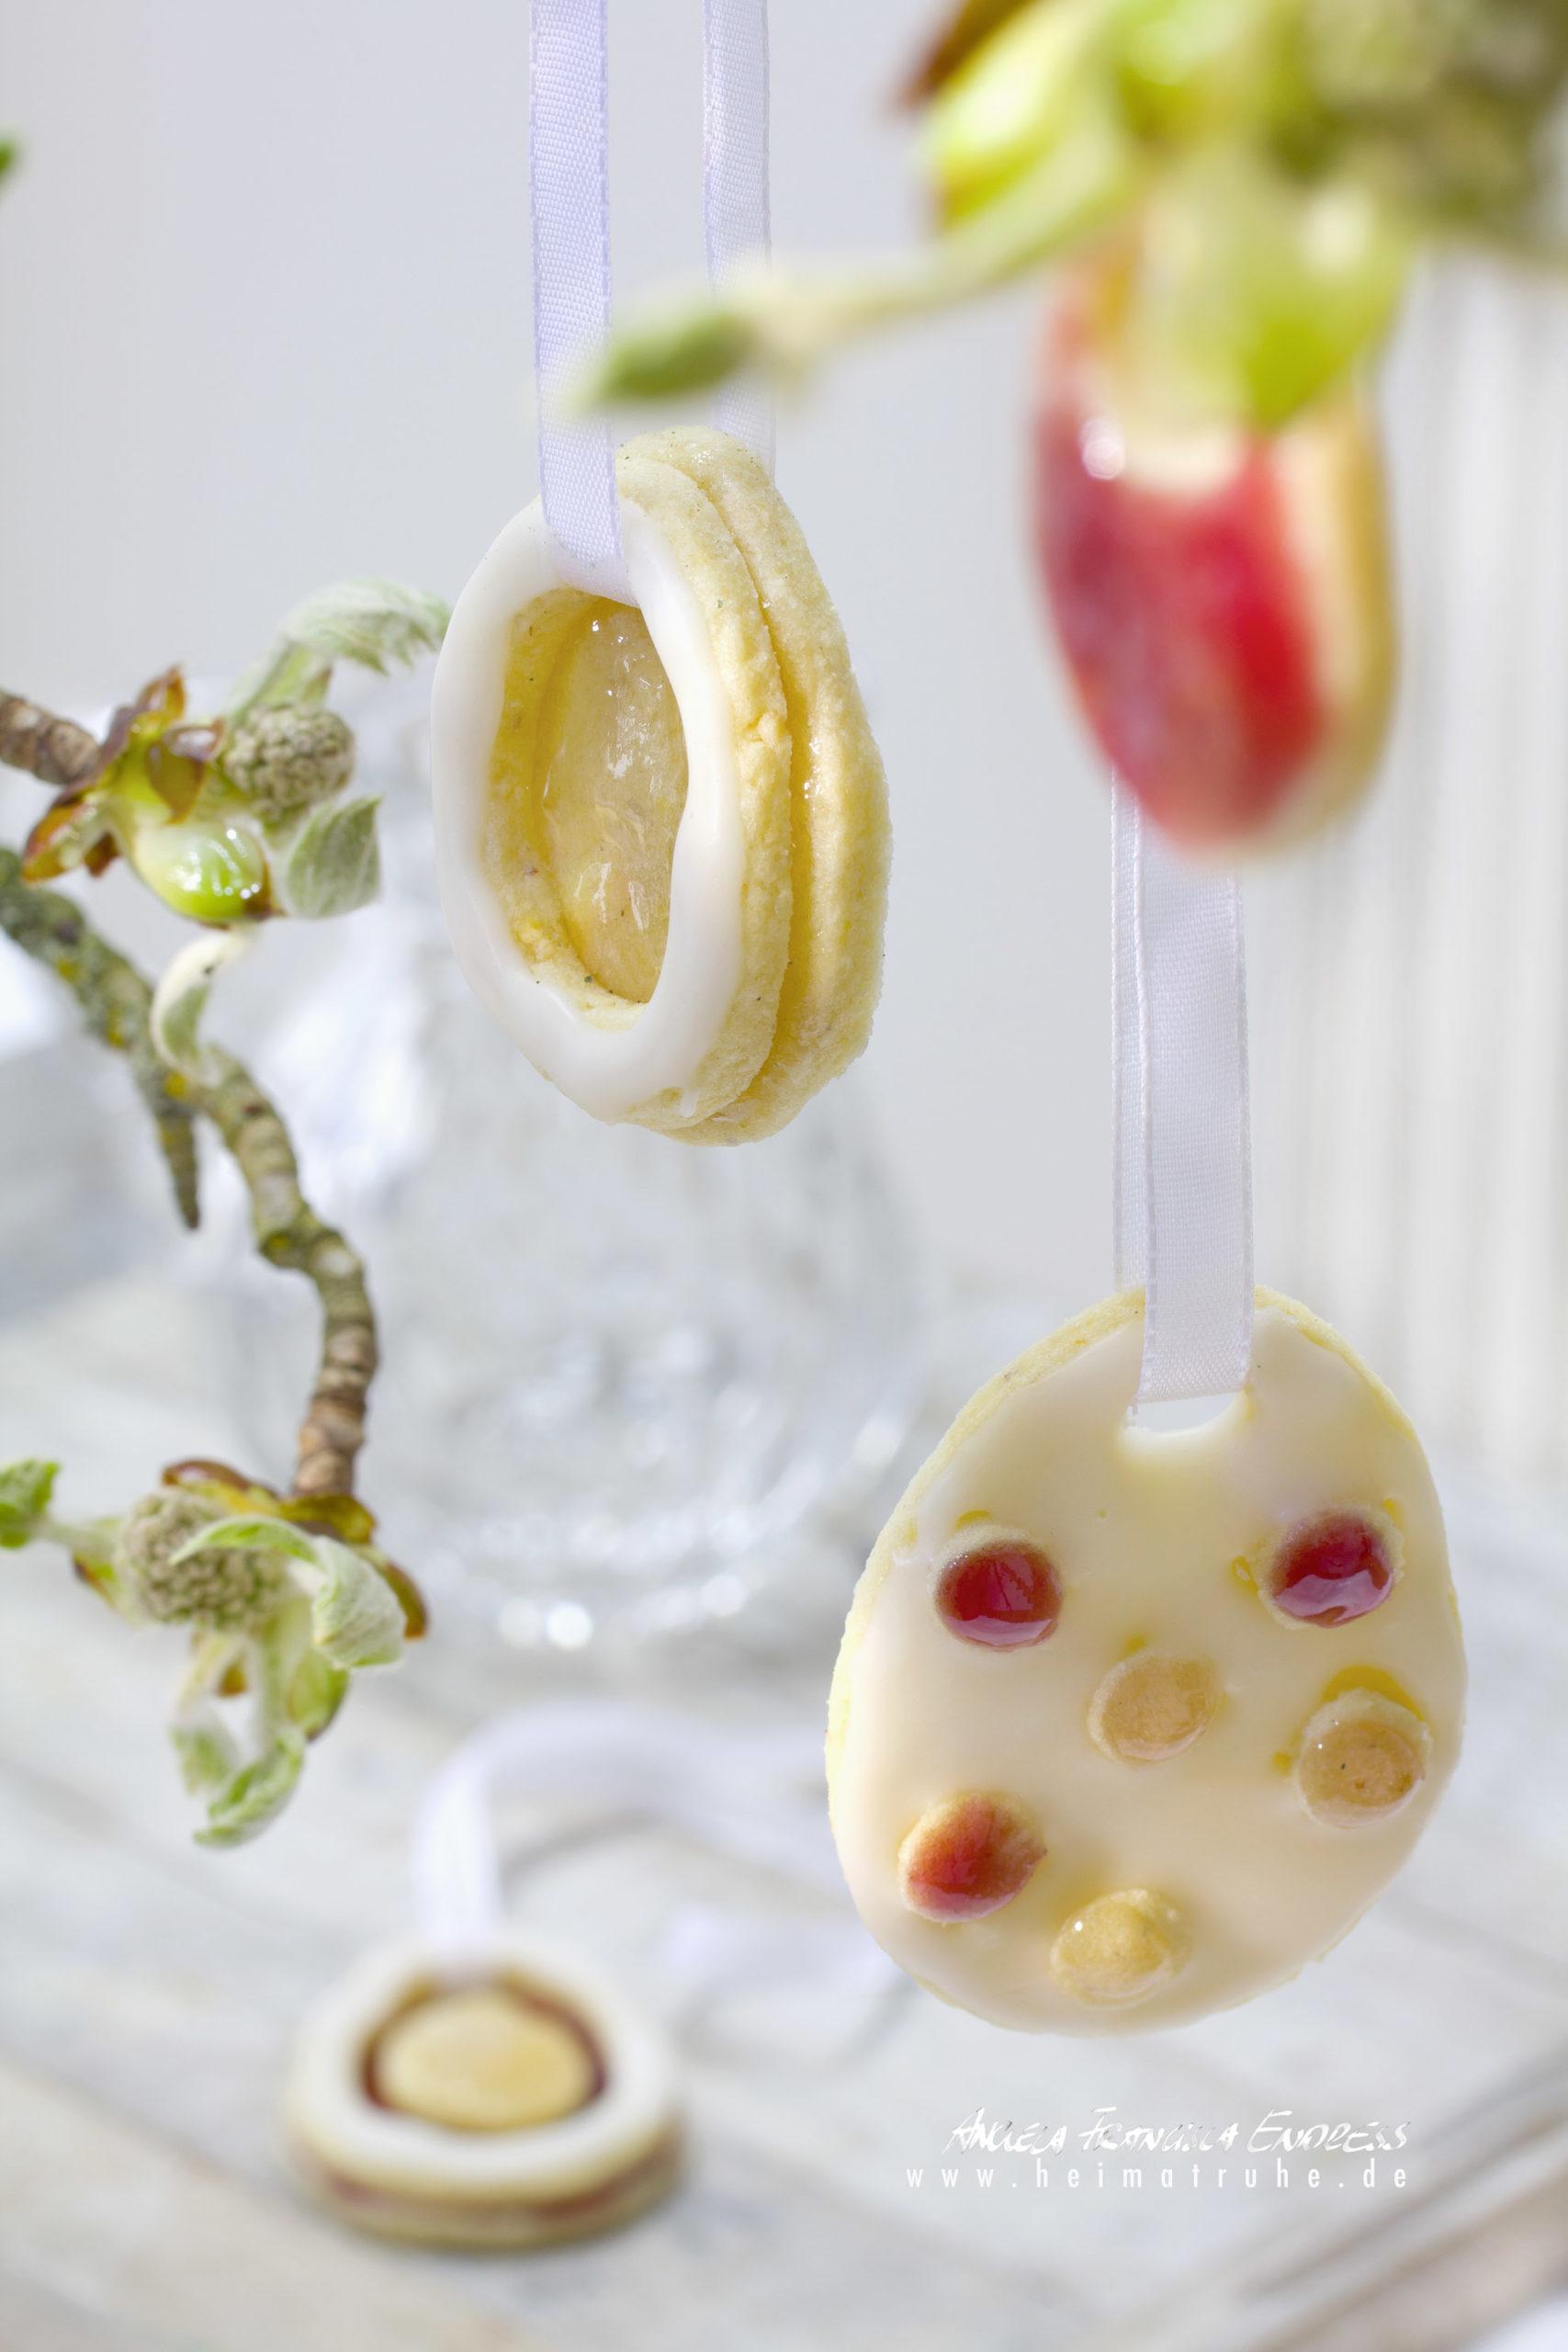 Eier mit Weingelee und Zuckerguss bemalt als Oster deko an Rosskastanienästchen gehängt,